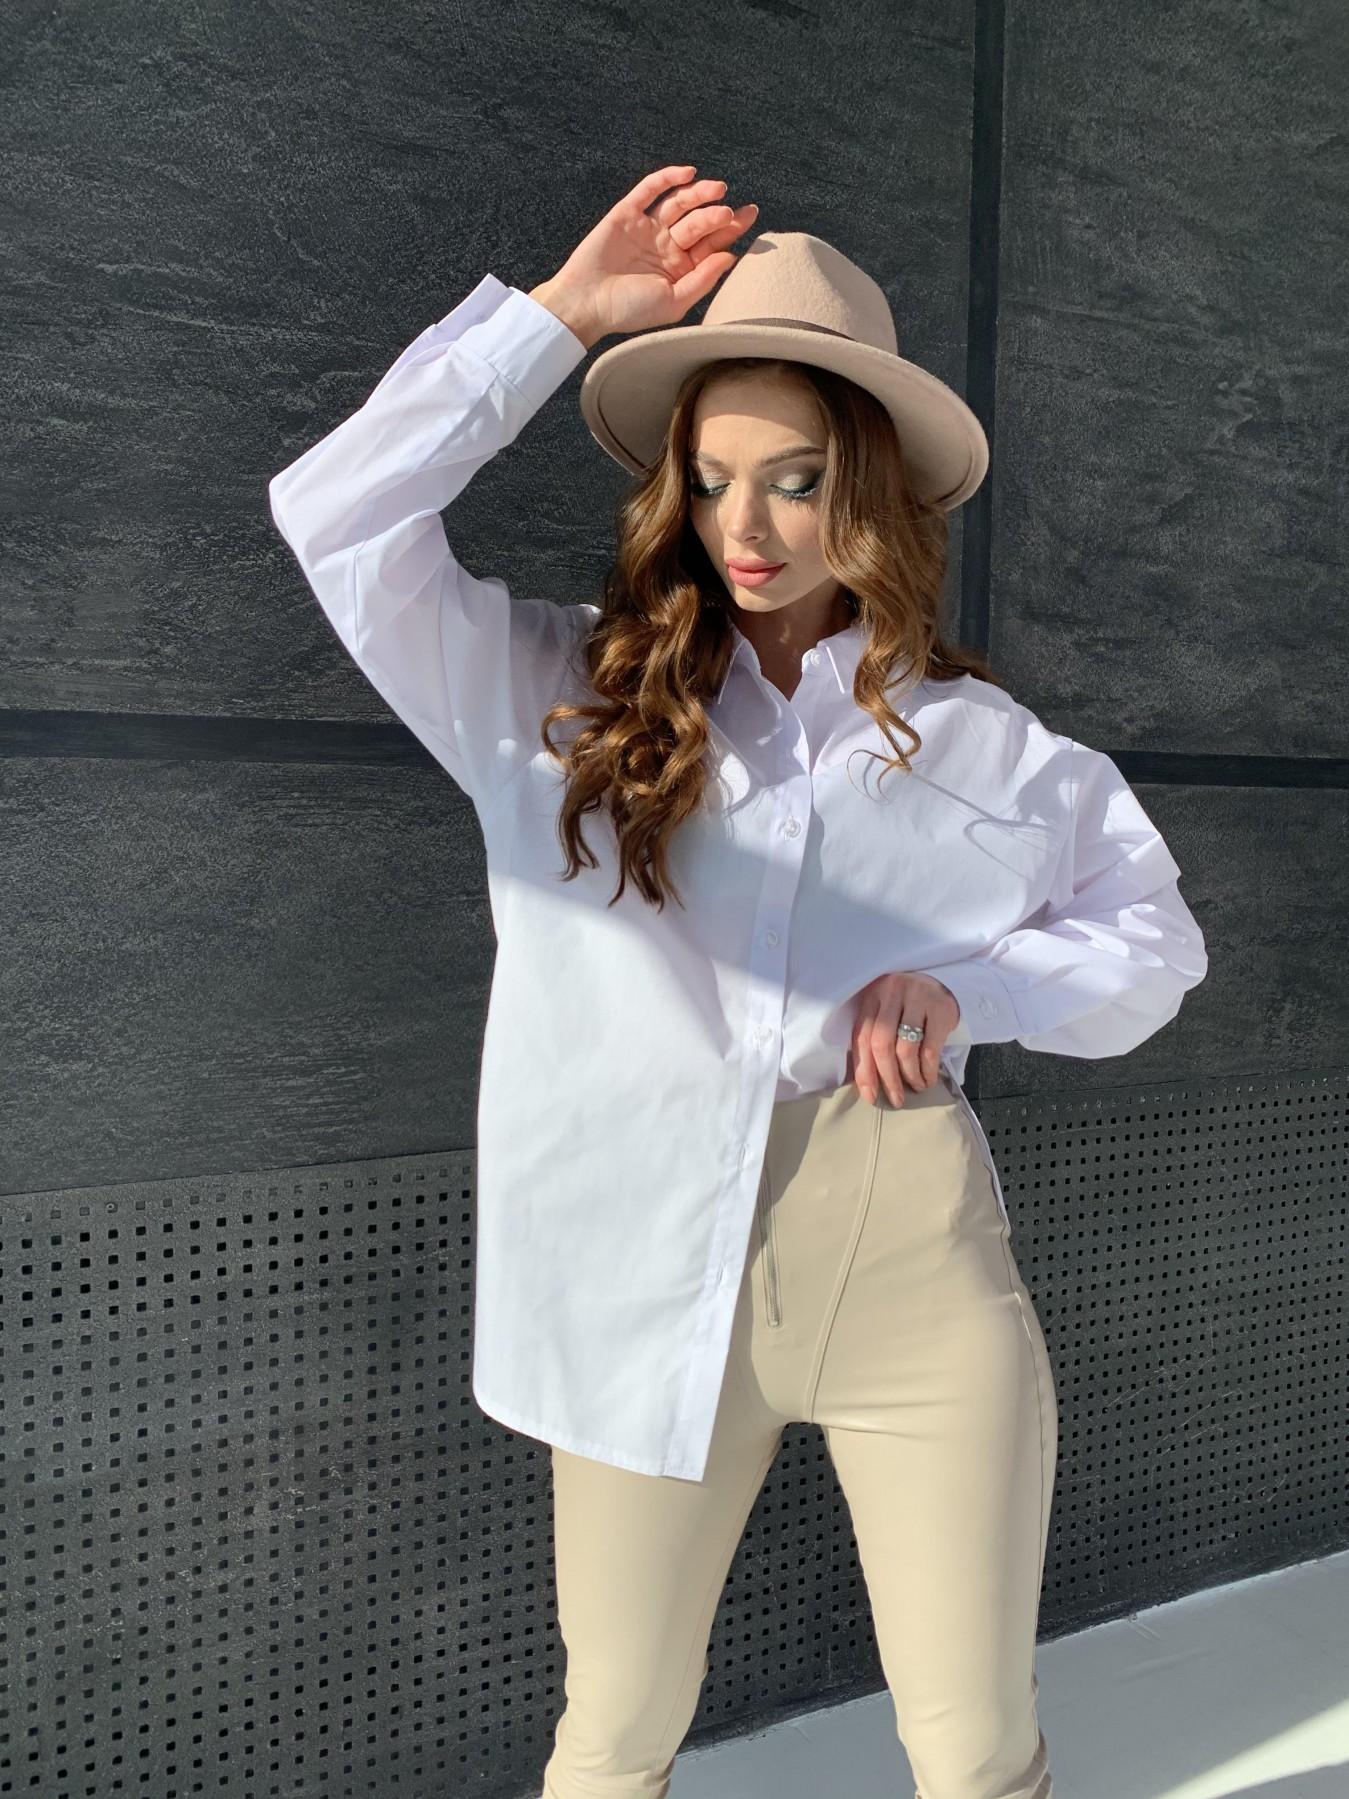 Найс рубашка из хлопковой ткани 10808 АРТ. 47287 Цвет: Белый - фото 7, интернет магазин tm-modus.ru